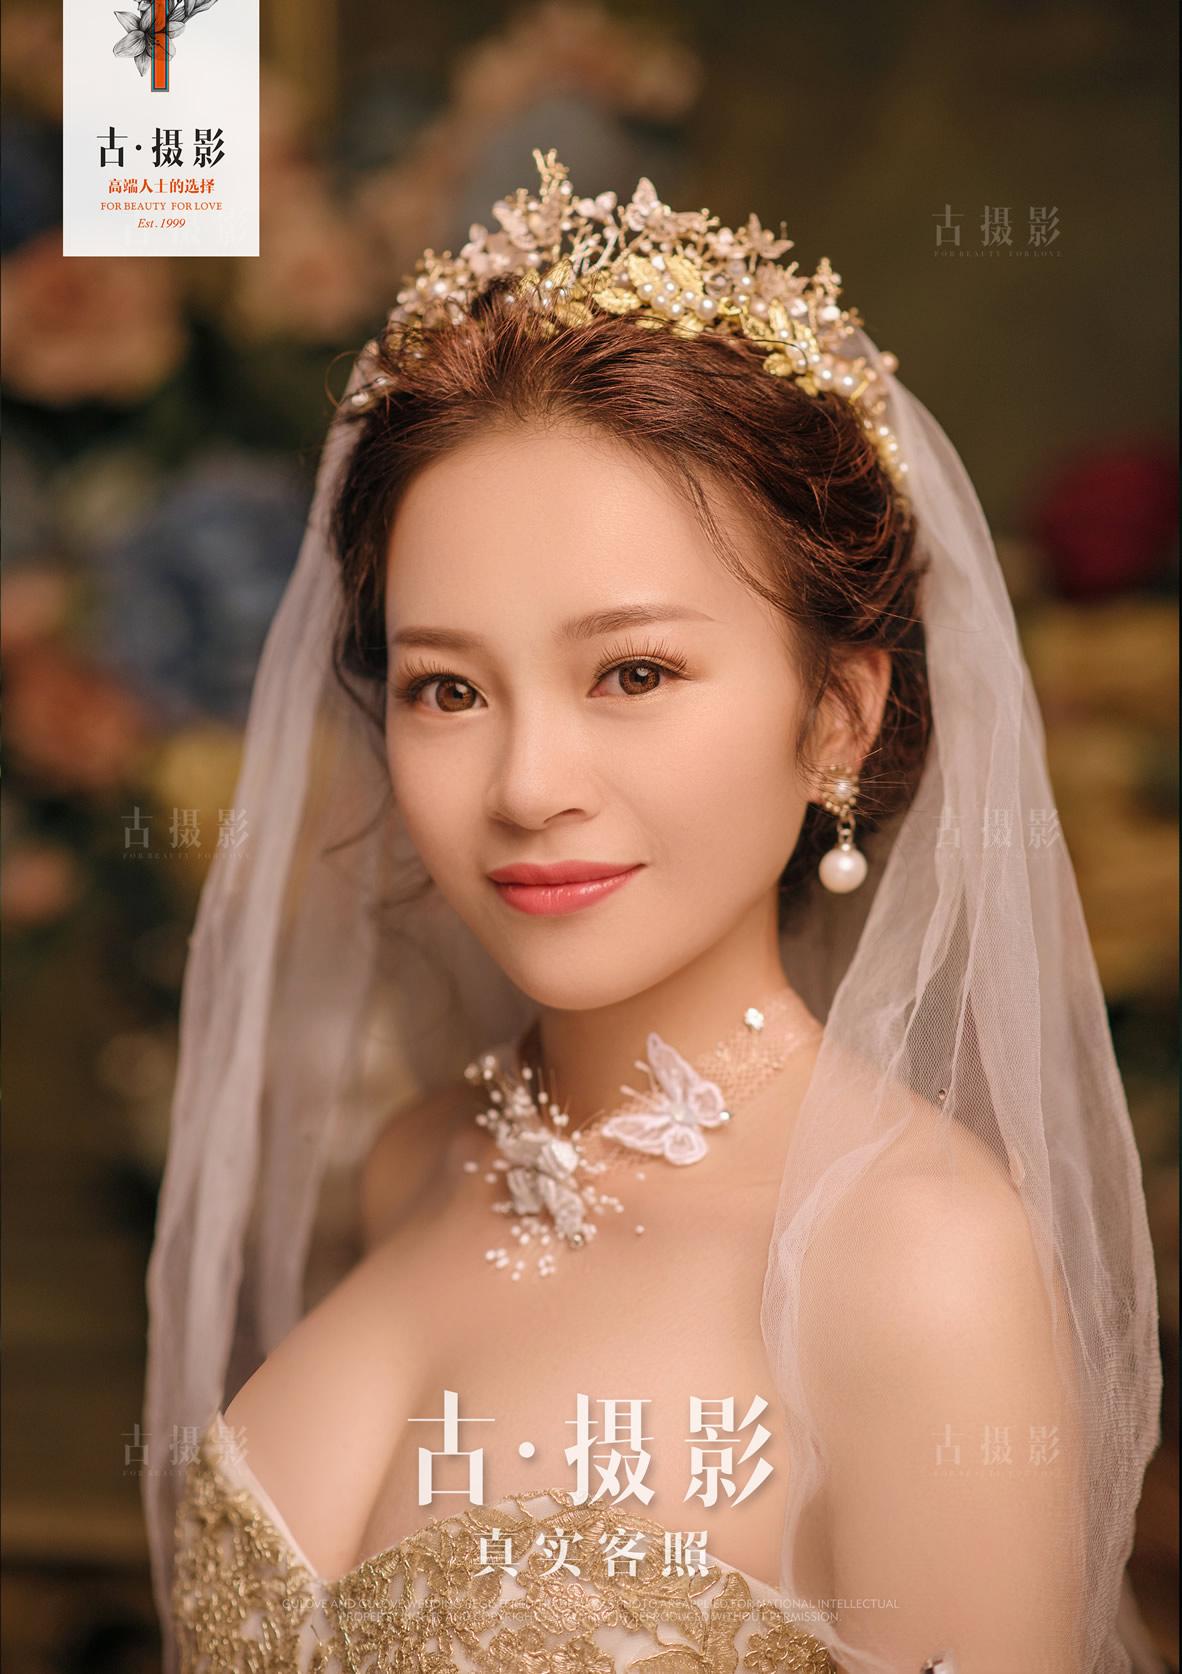 5月20日客片黄先生 杨小姐 - 每日客照 - 广州婚纱摄影-广州古摄影官网